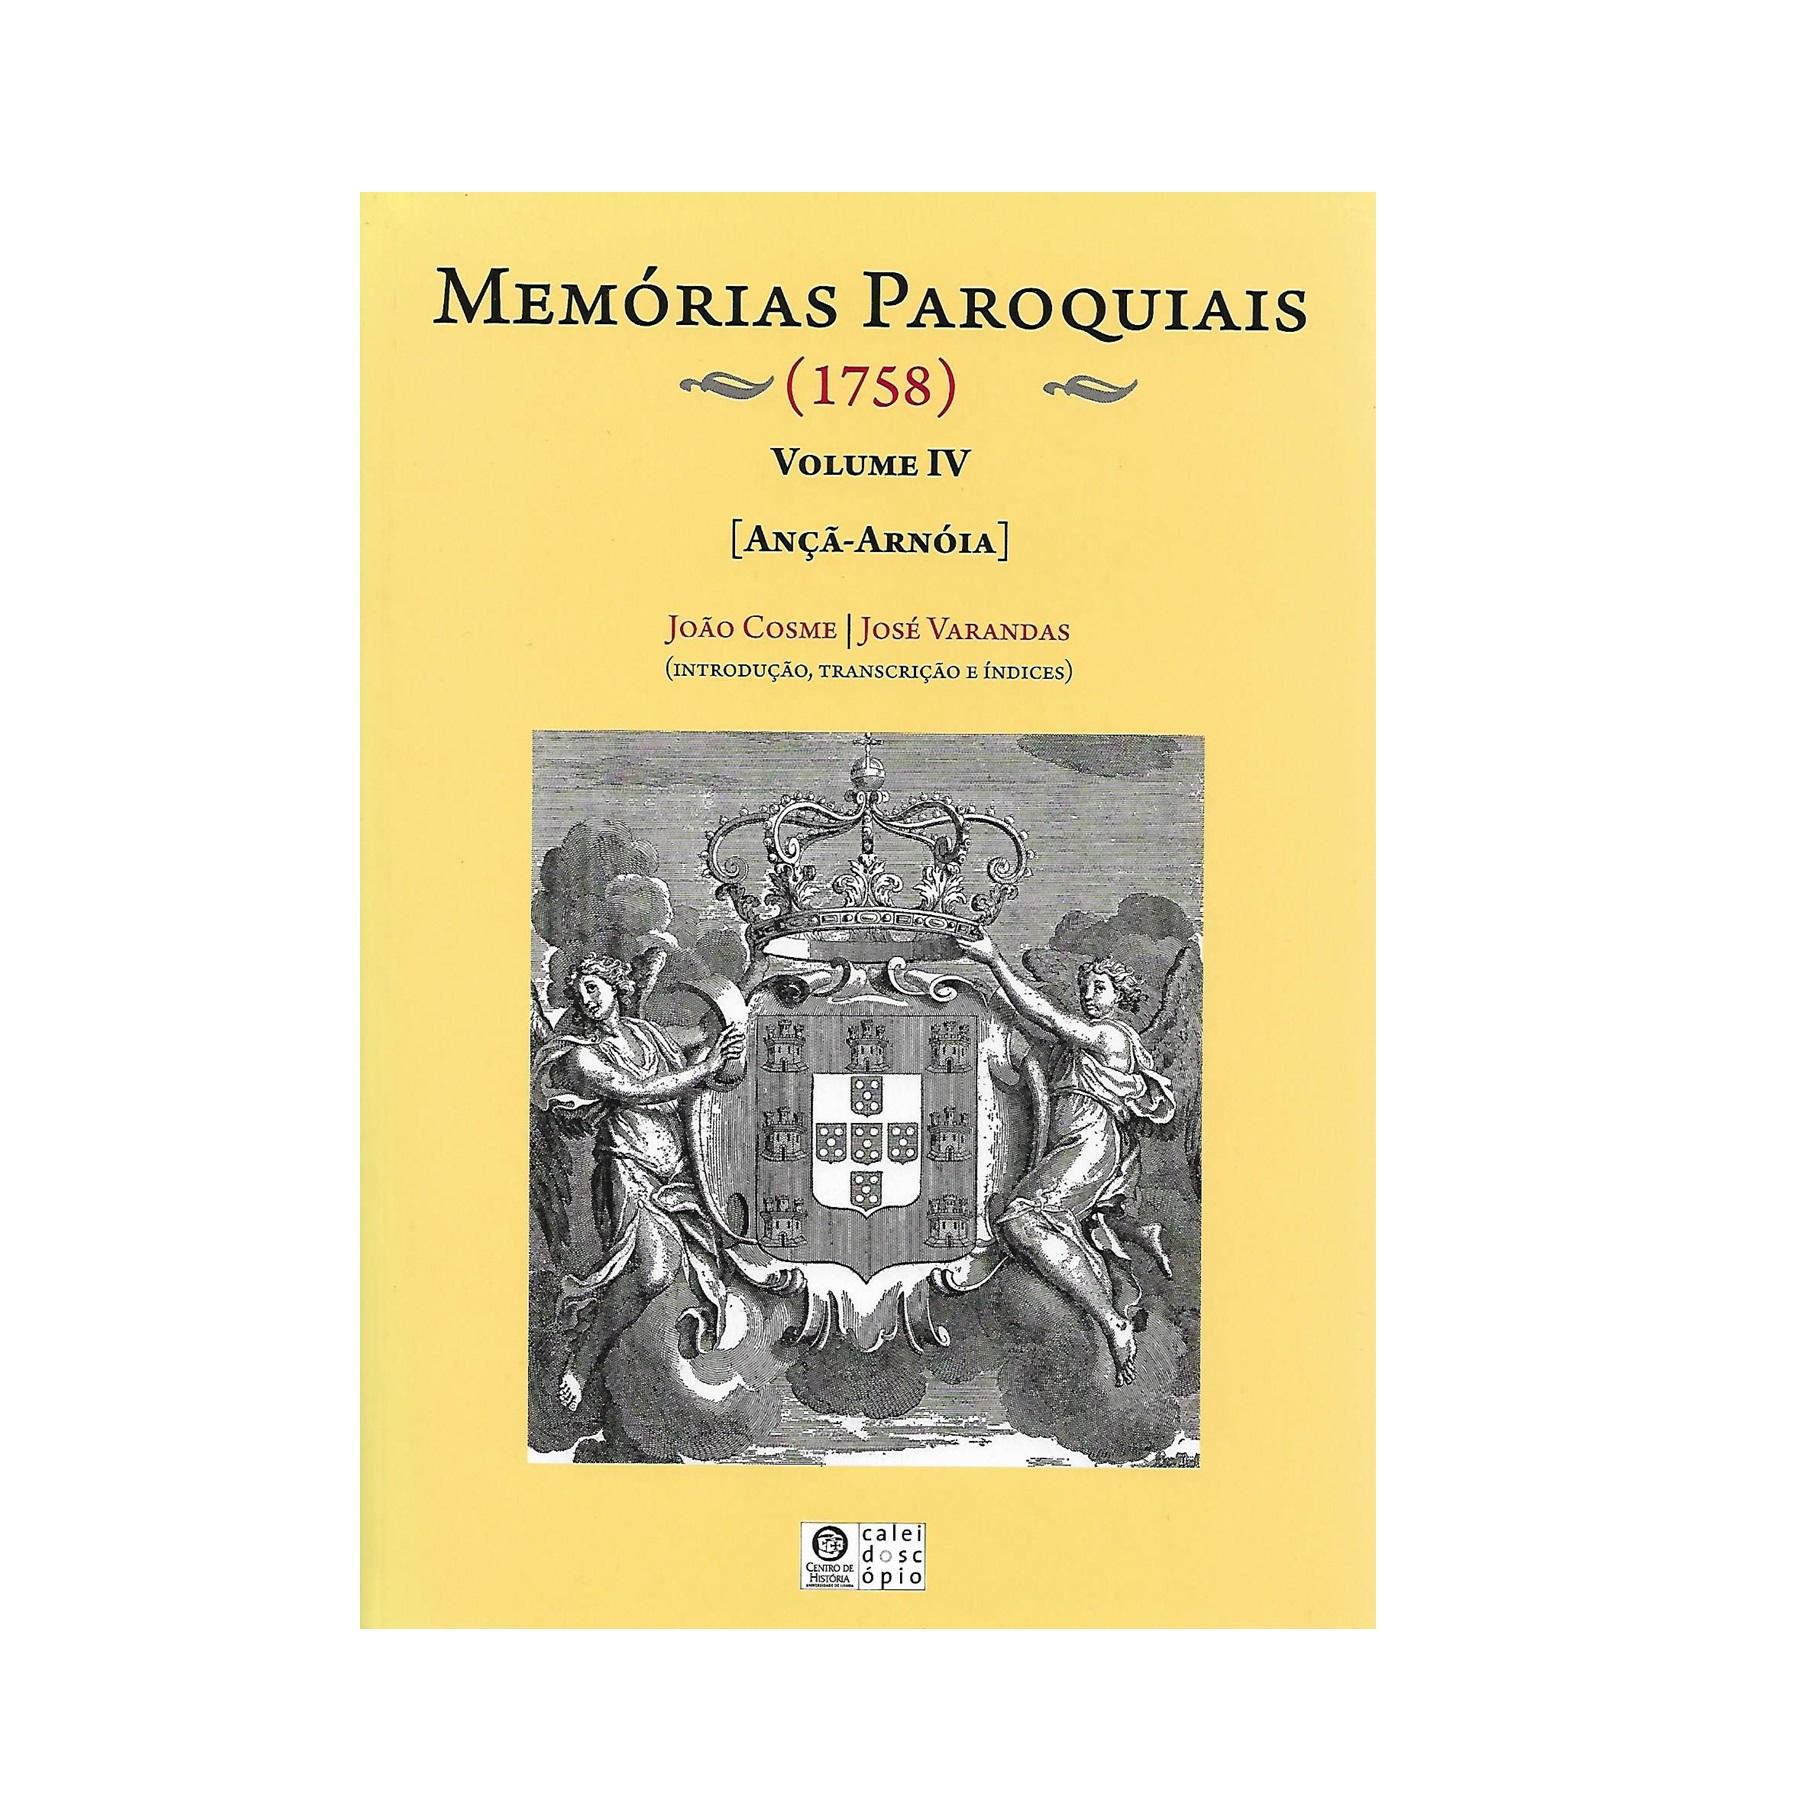 MEMÓRIAS PAROQUIAIS (1758). VOLUME IV [Ança-Arnóia].